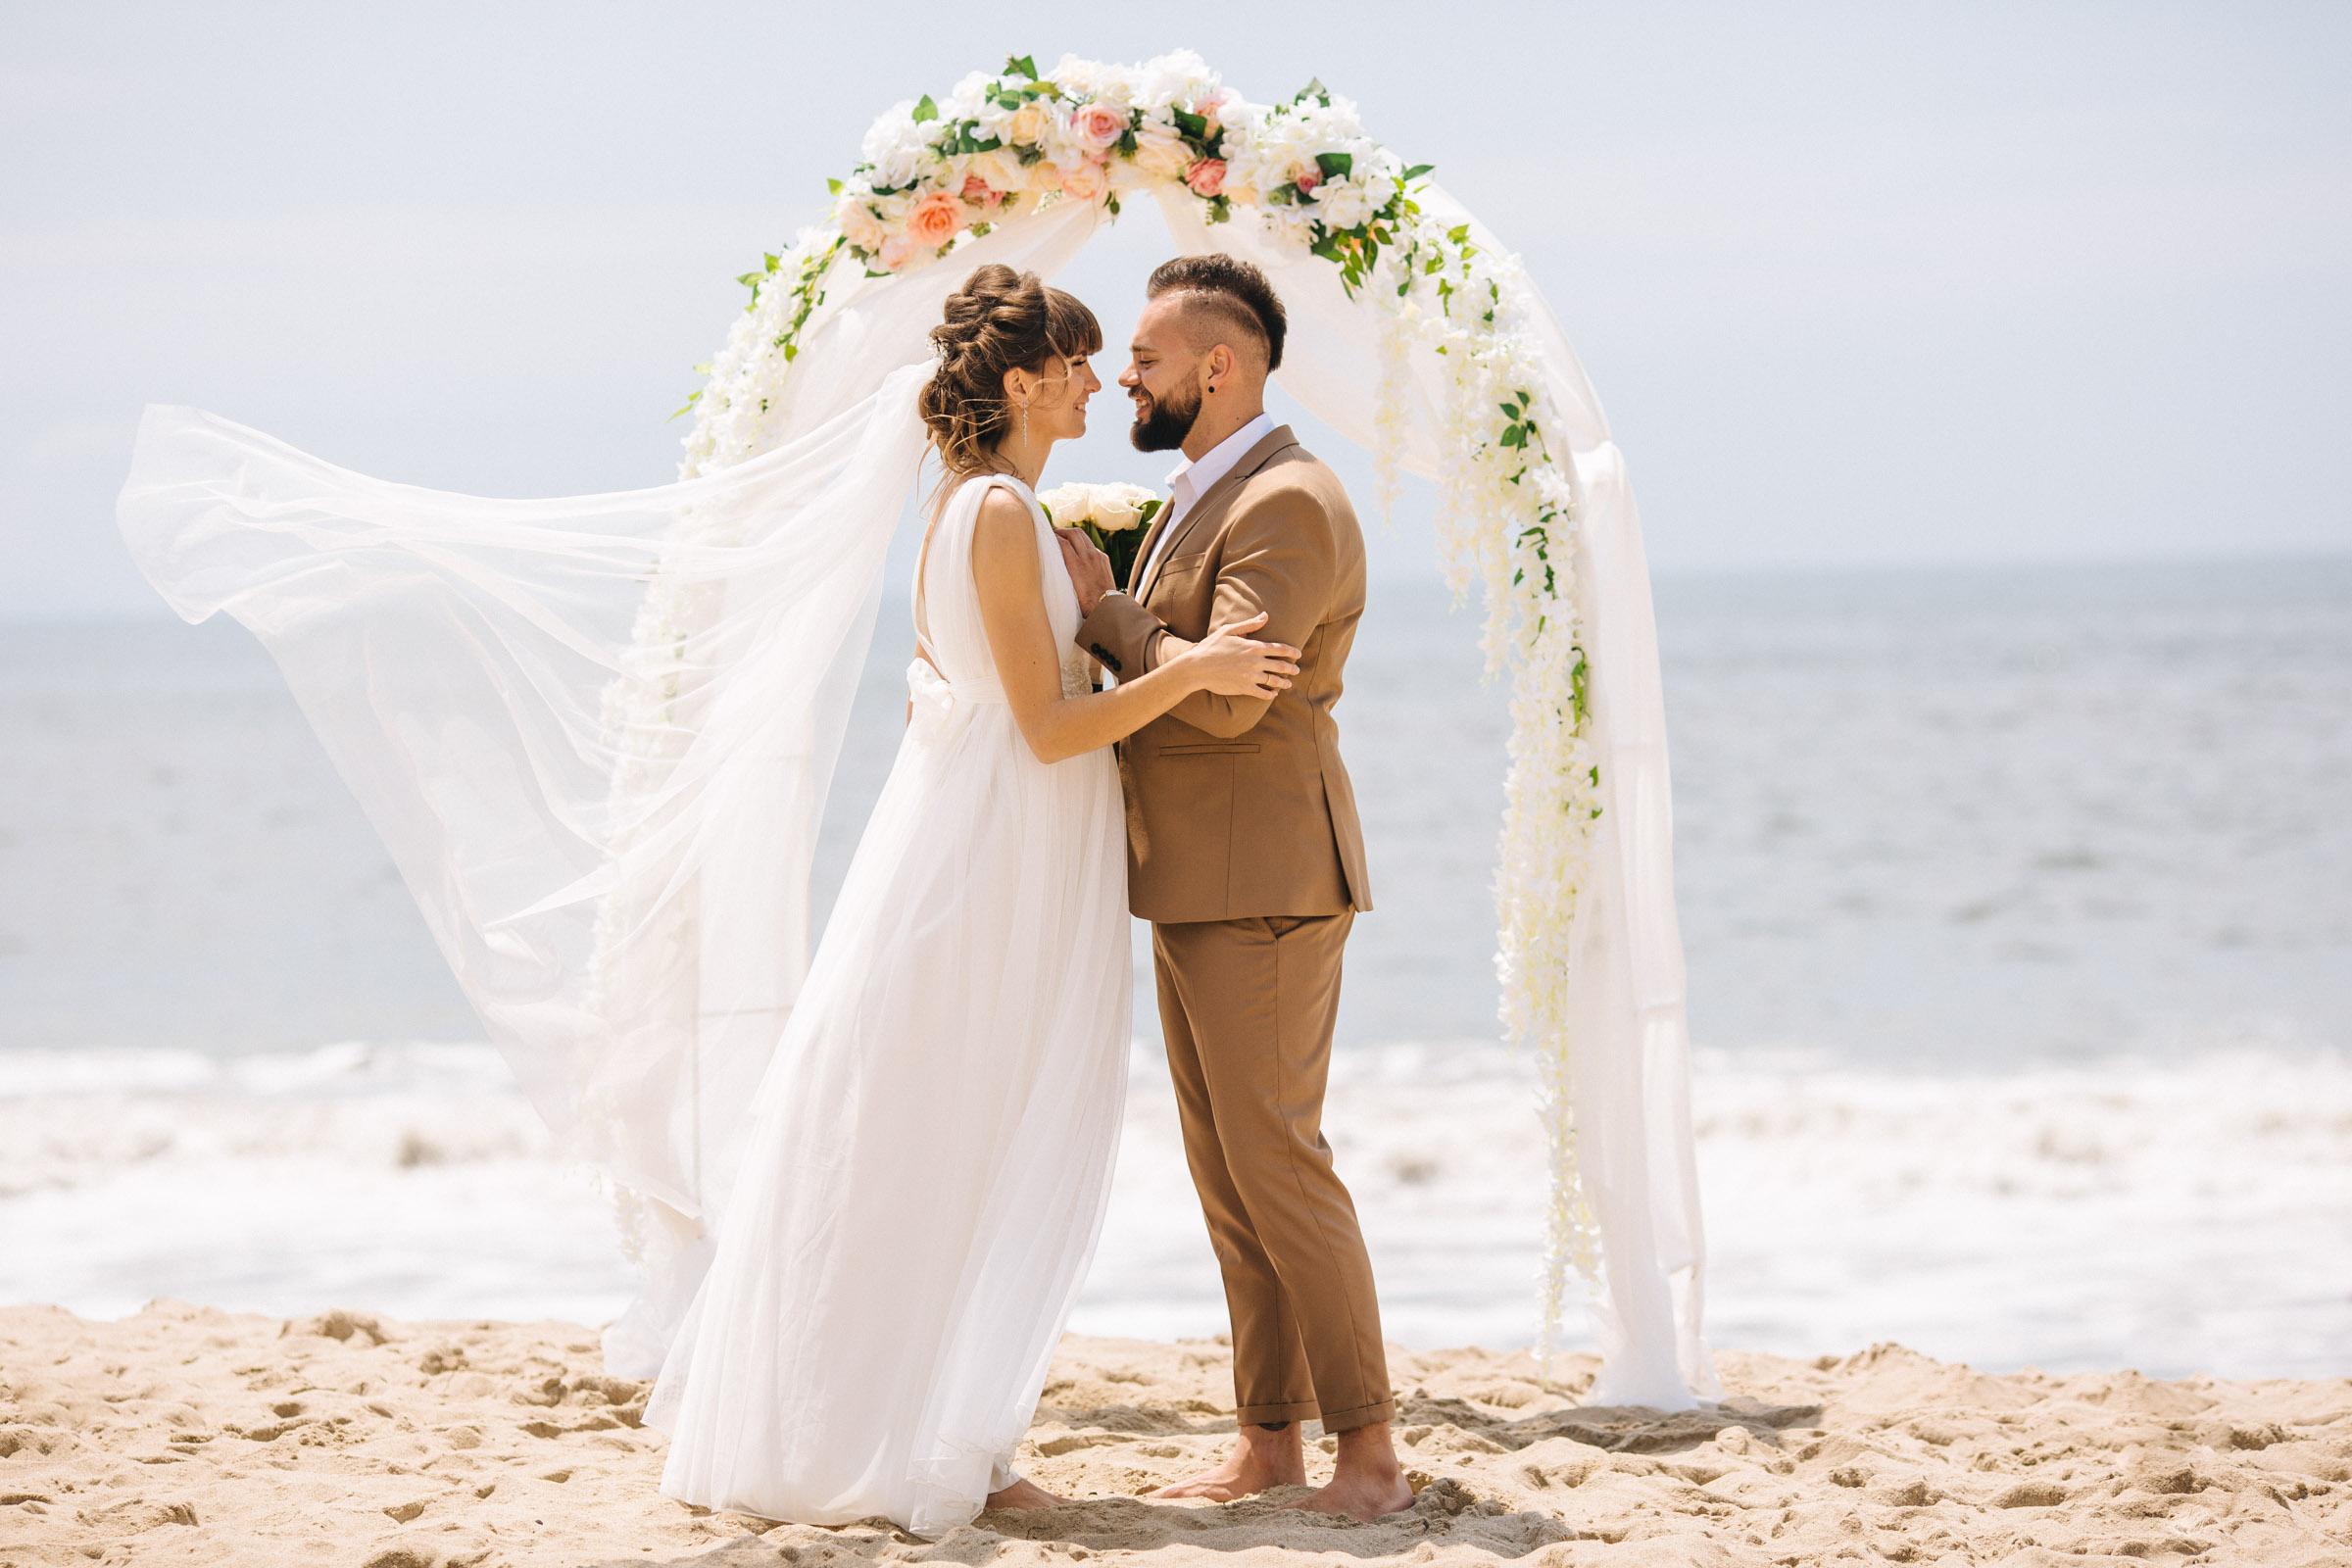 Beach Wedding in Los Angeles _ Bride and